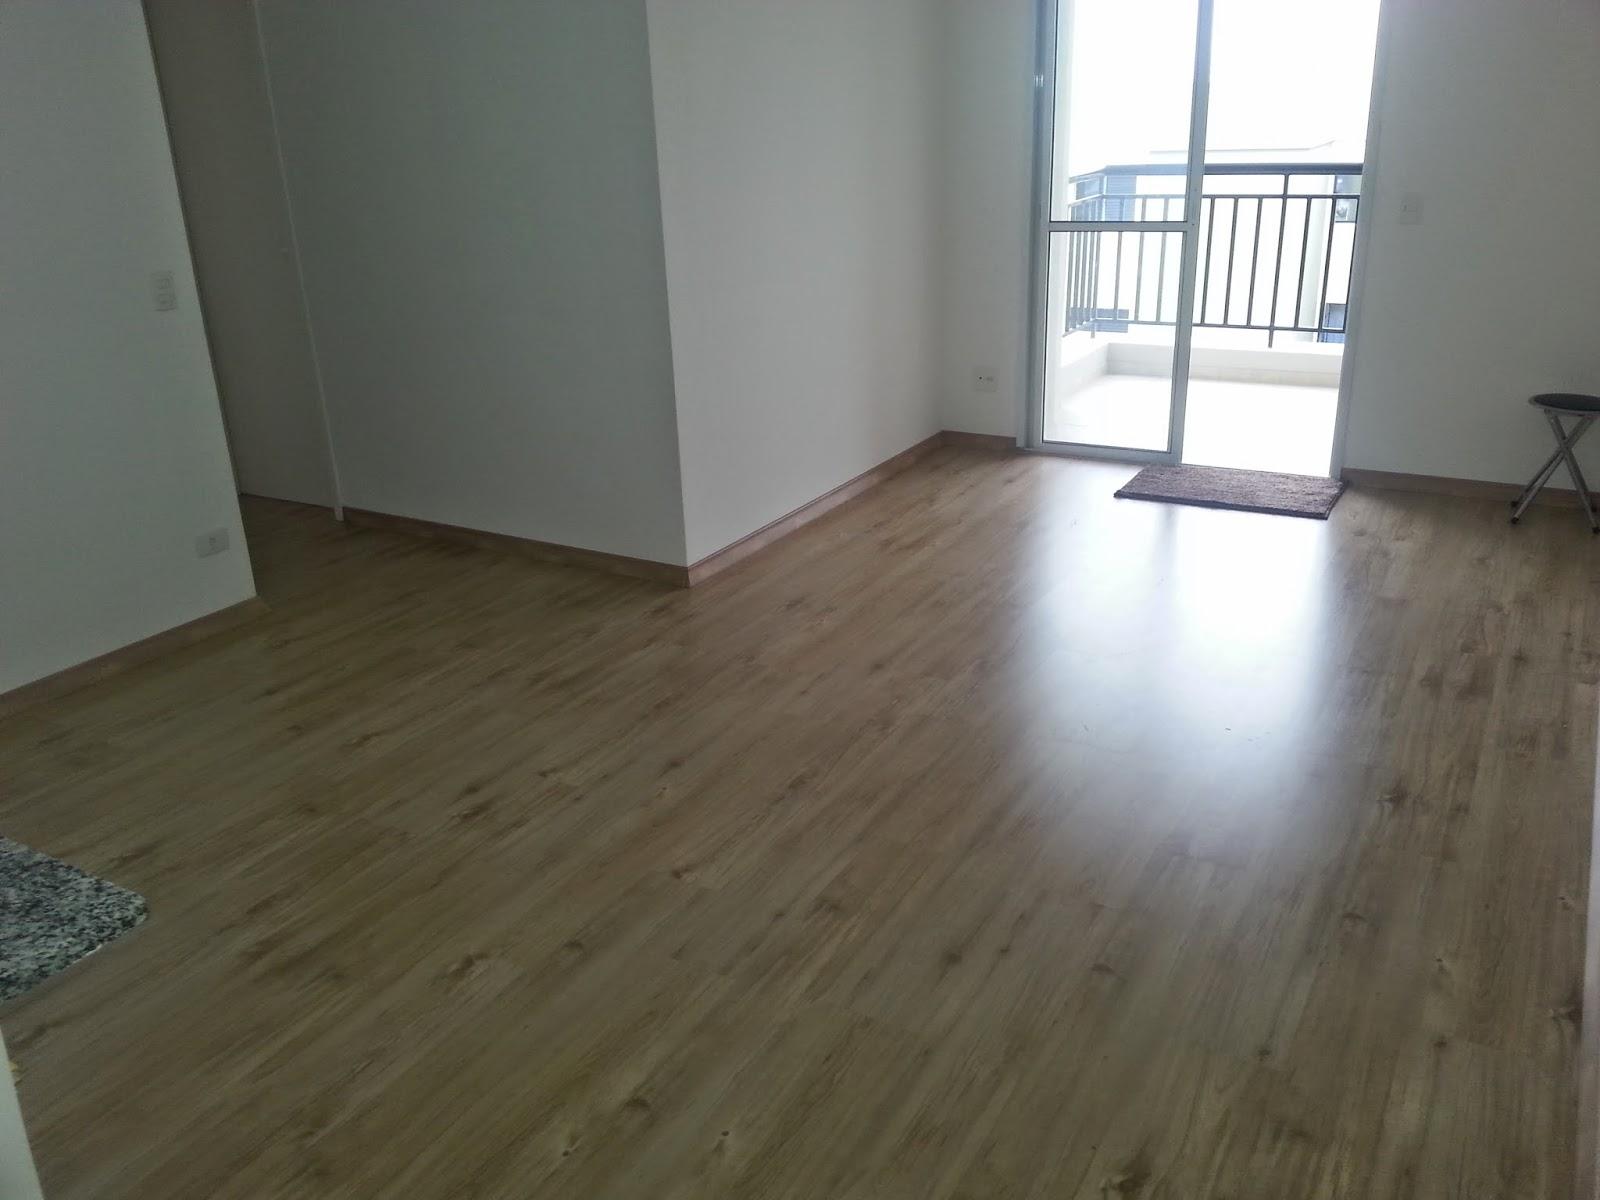 Casa da fl piso laminado ou porcelanato e o escolhido for Pisos para apartamentos pequenos